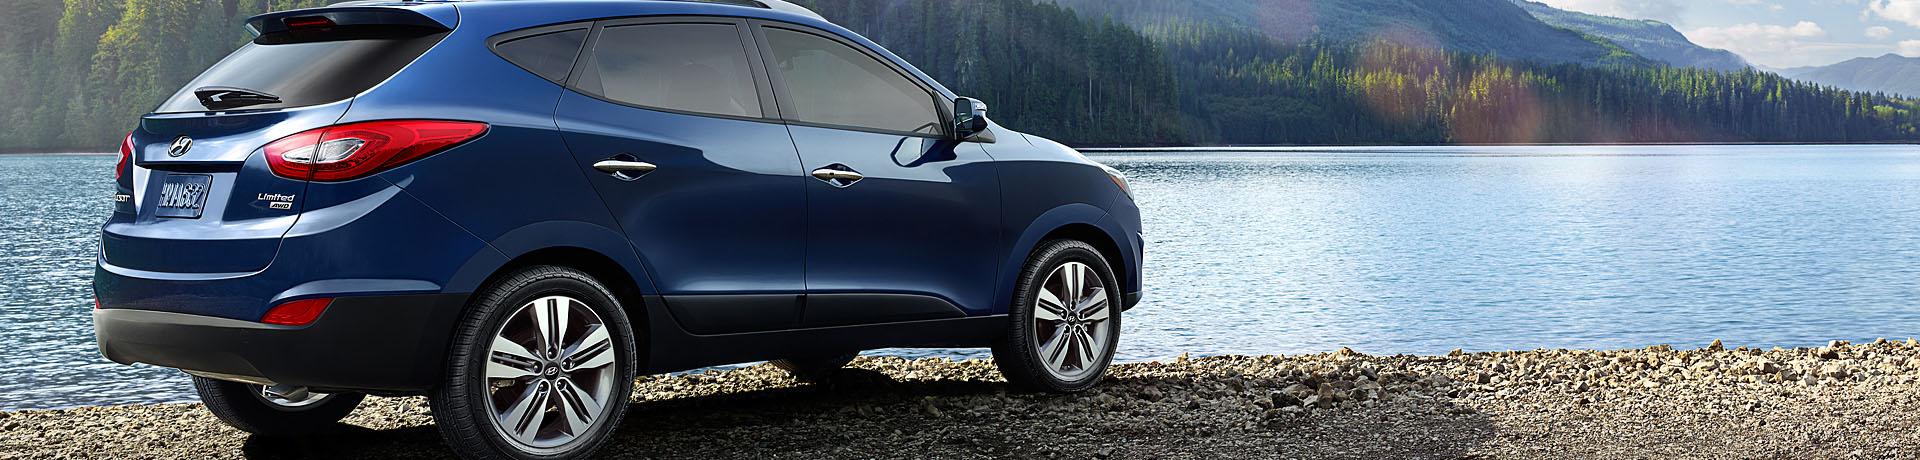 2015 Hyundai Tucson - Blue Exterior